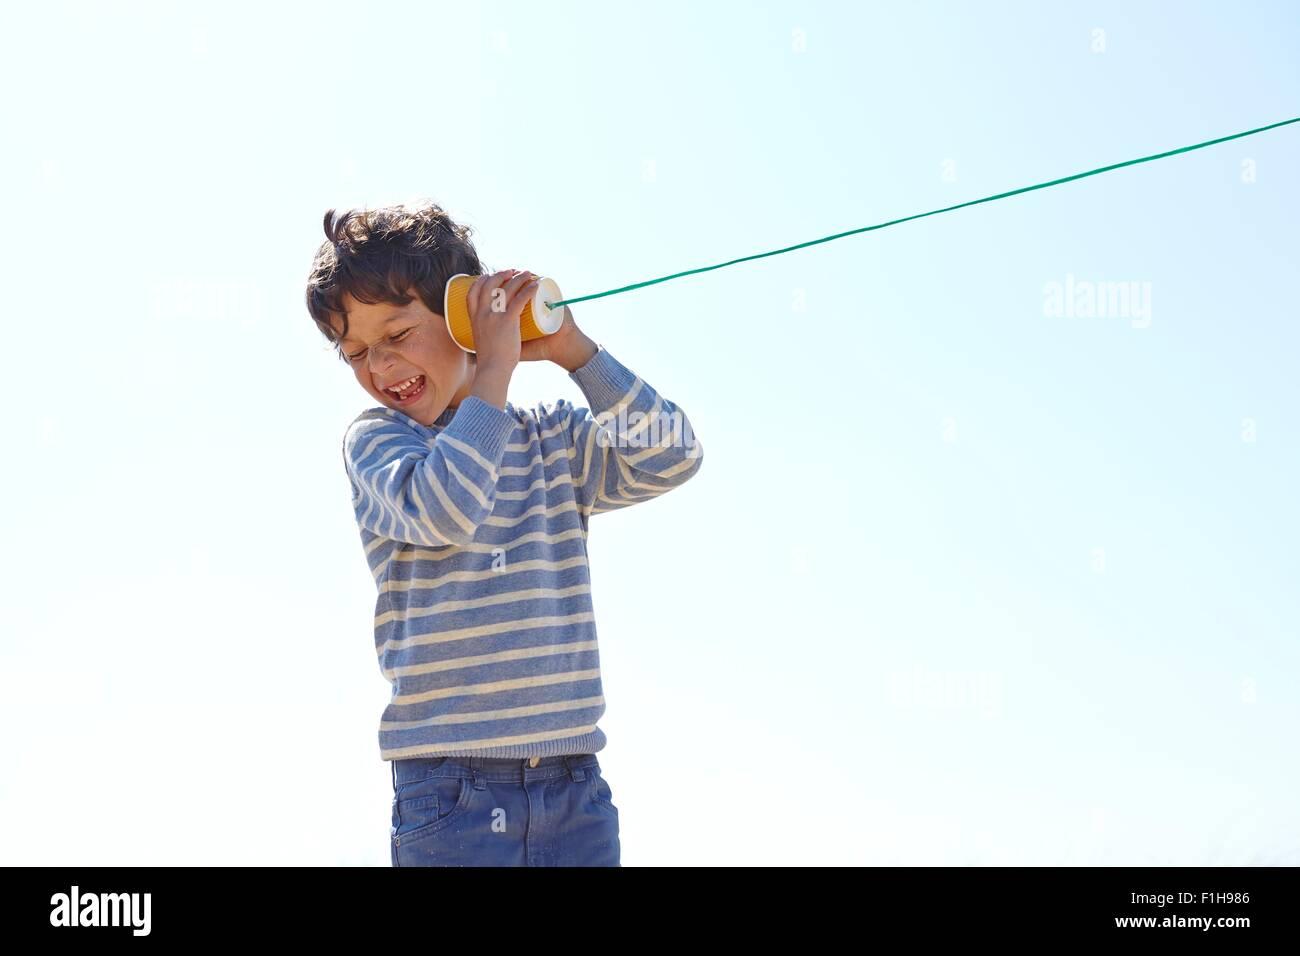 Jeune garçon, holding cup et de chaîne à l'autre téléphone Photo Stock